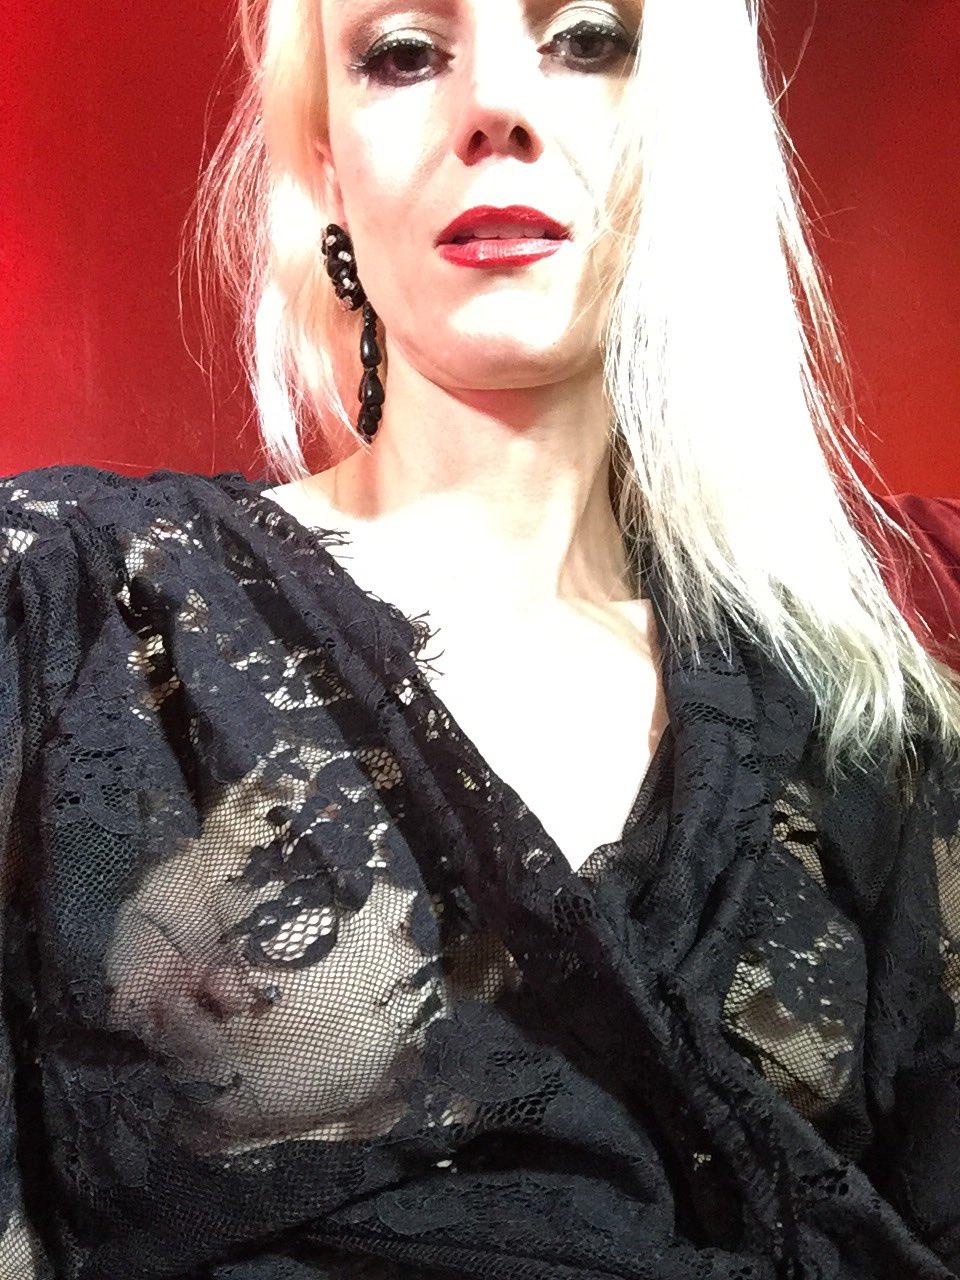 Karin von Kroft 💋 on Twitter: Good night😘#robe #mistress